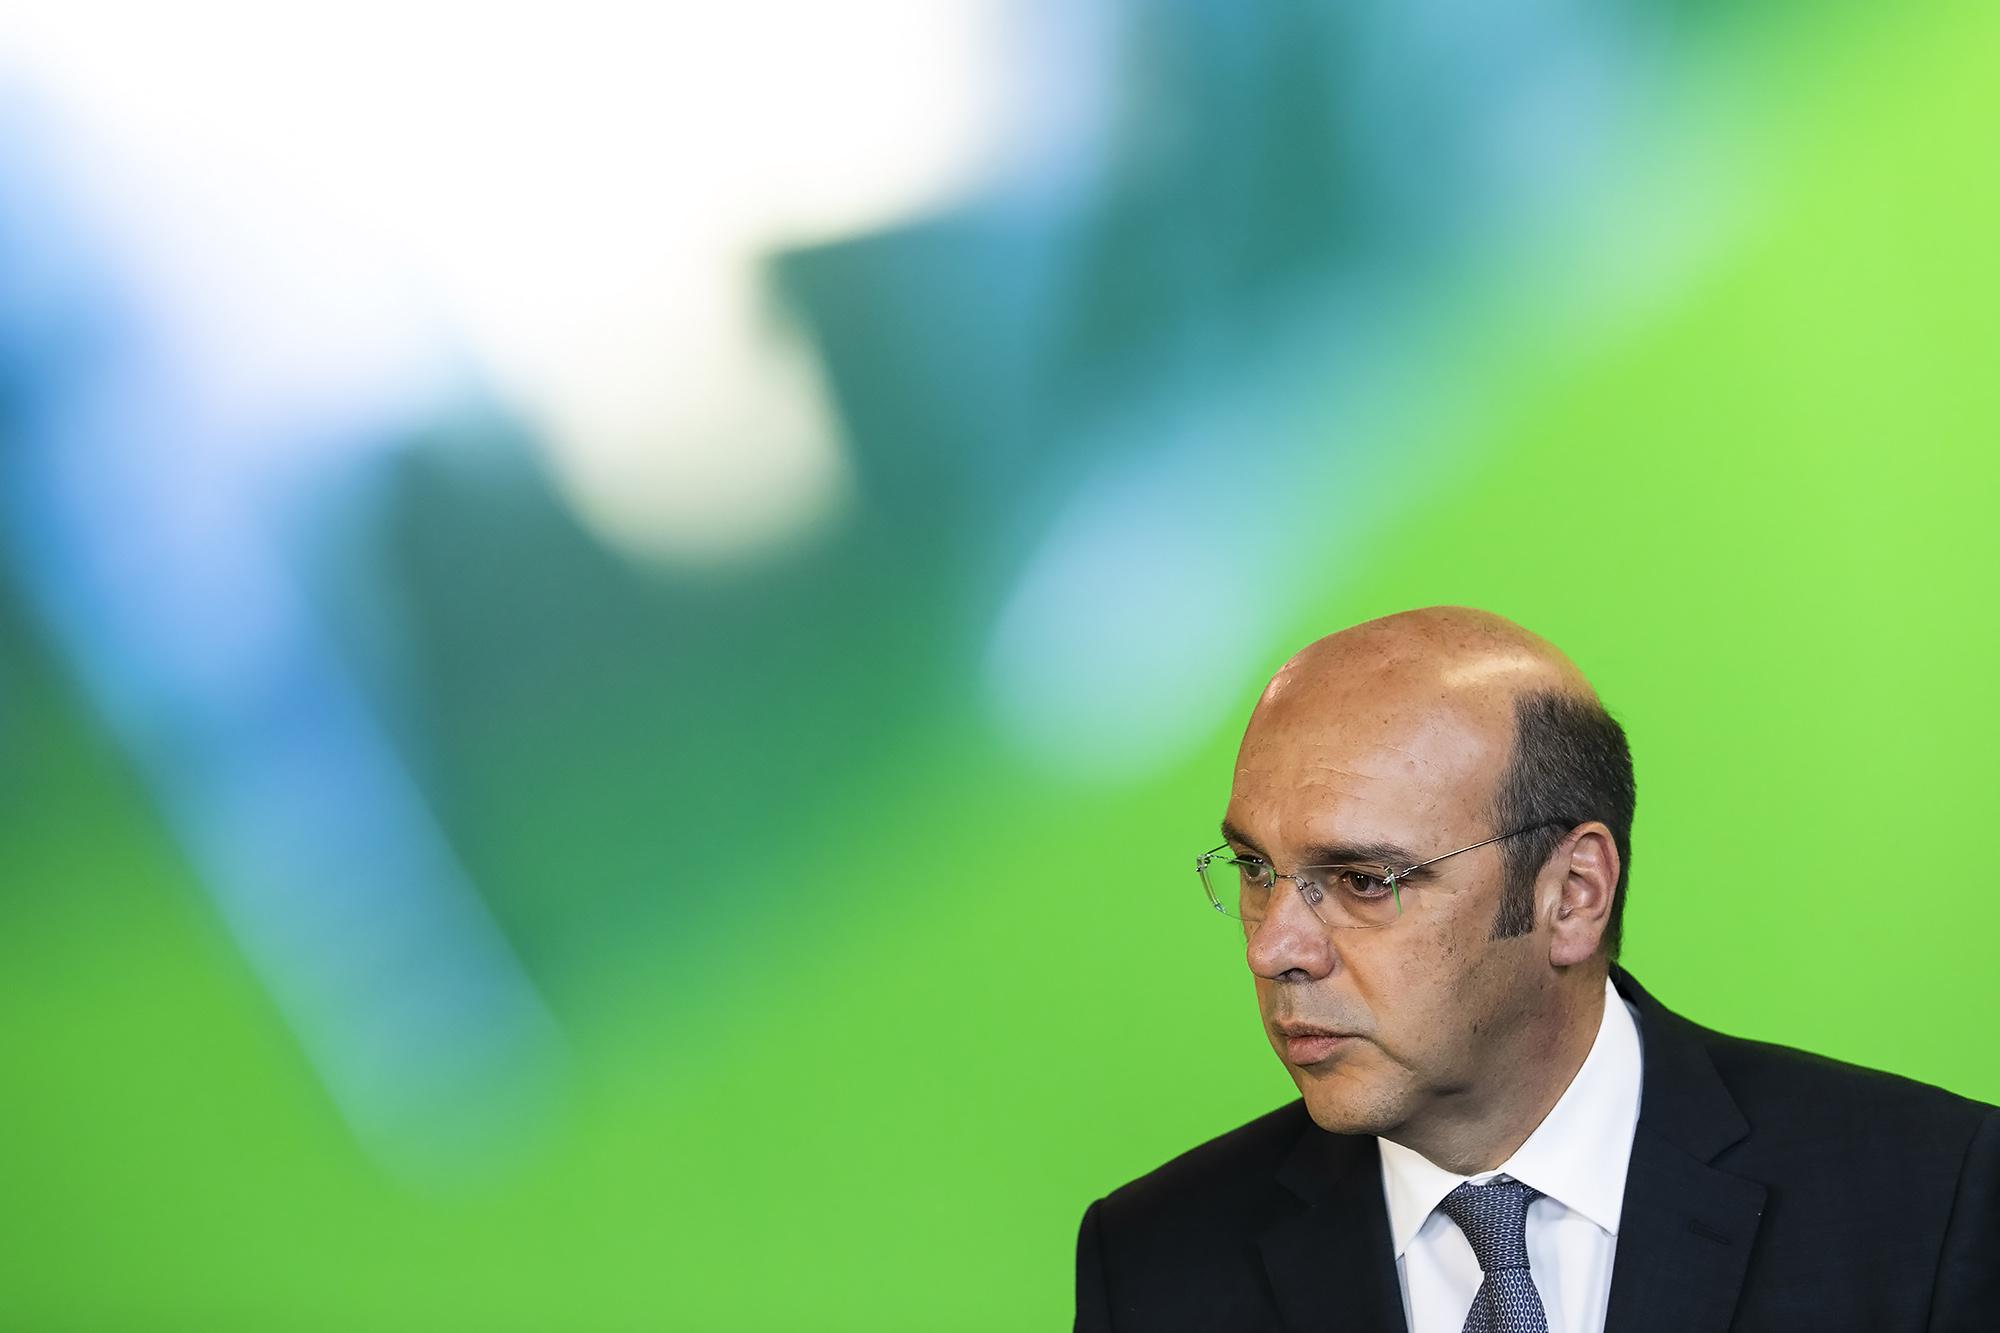 Siza Vieira, Ministro de Estado, da Economia e Transição Digital, em entrevista ao ECOInsider - 05JUN20